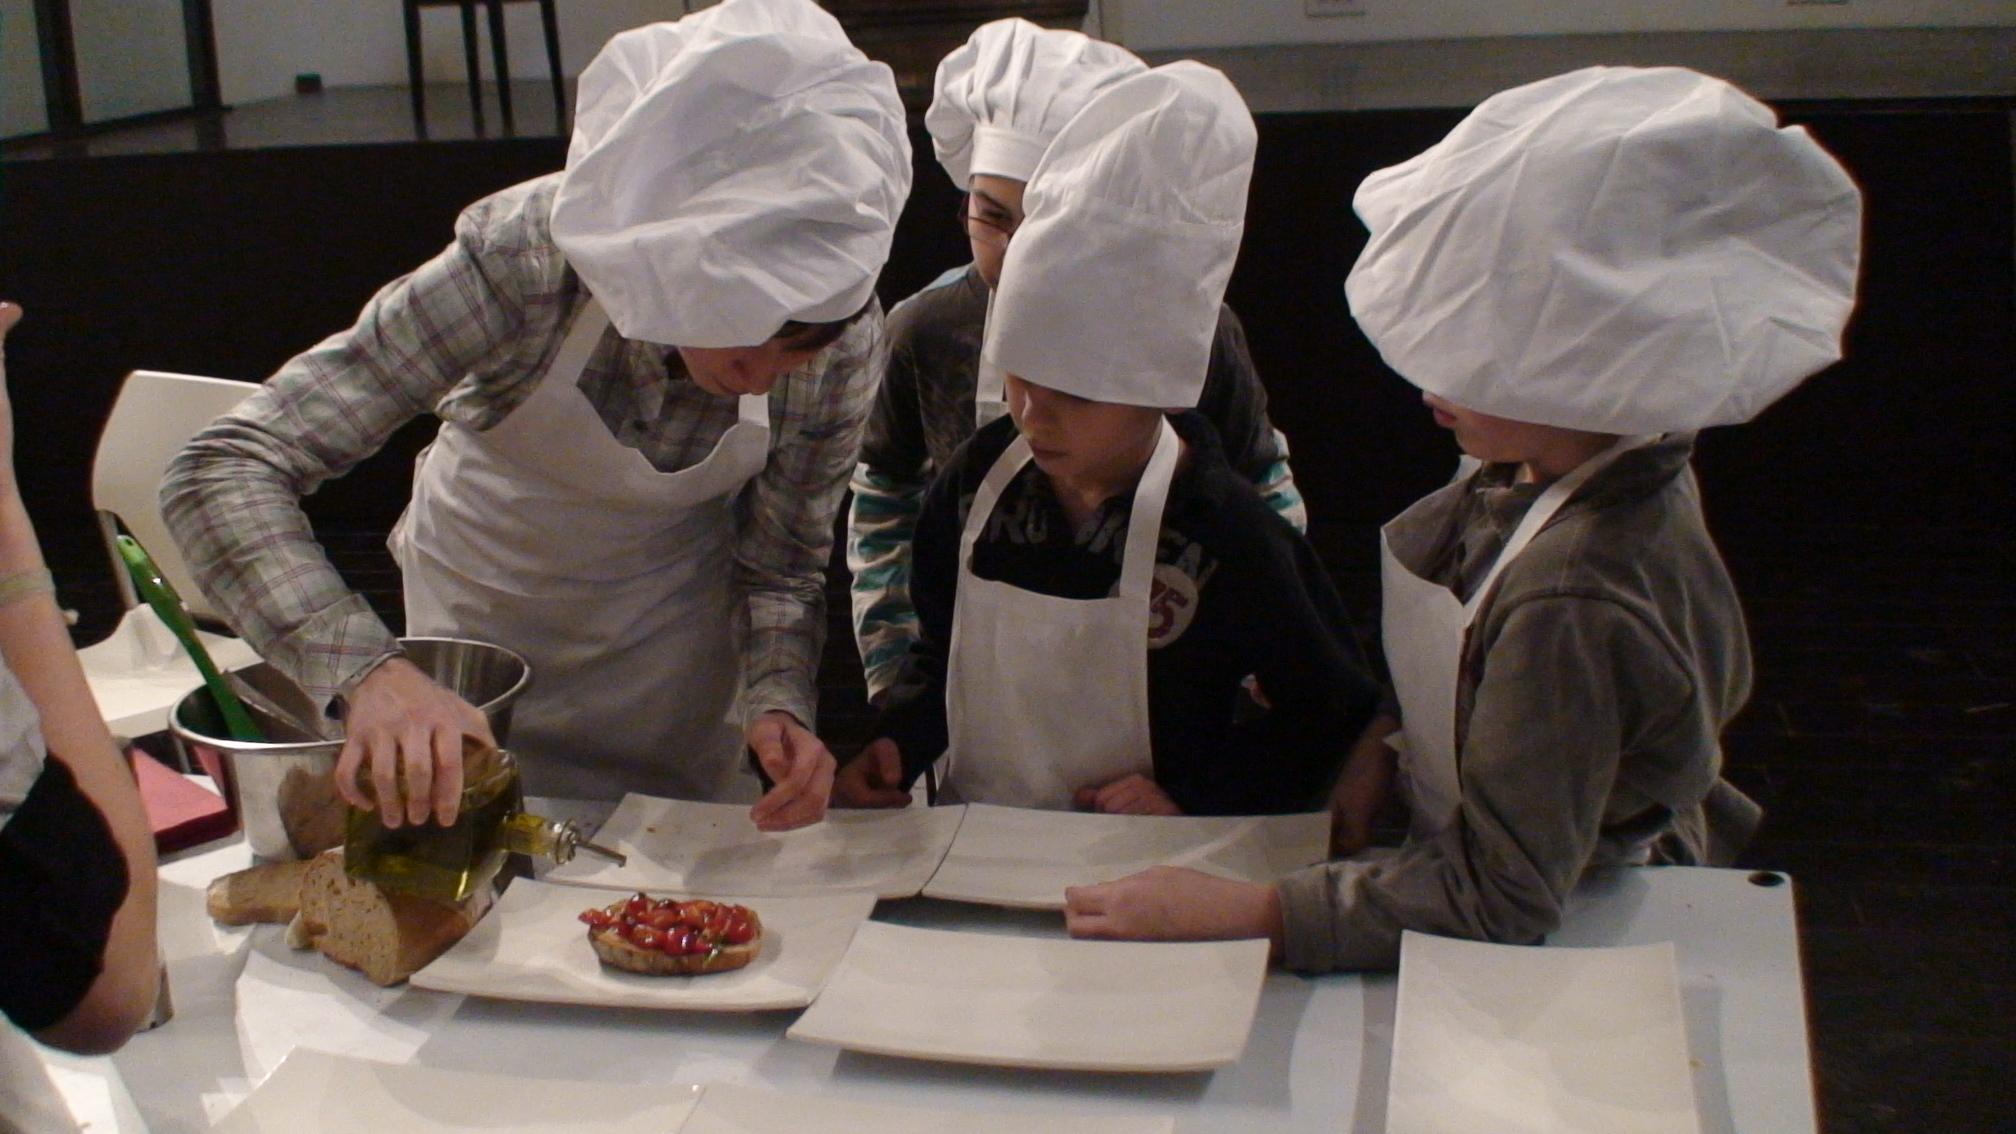 La com die des mets cours de cuisine sp cial enfants - Cours de cuisine beaune ...